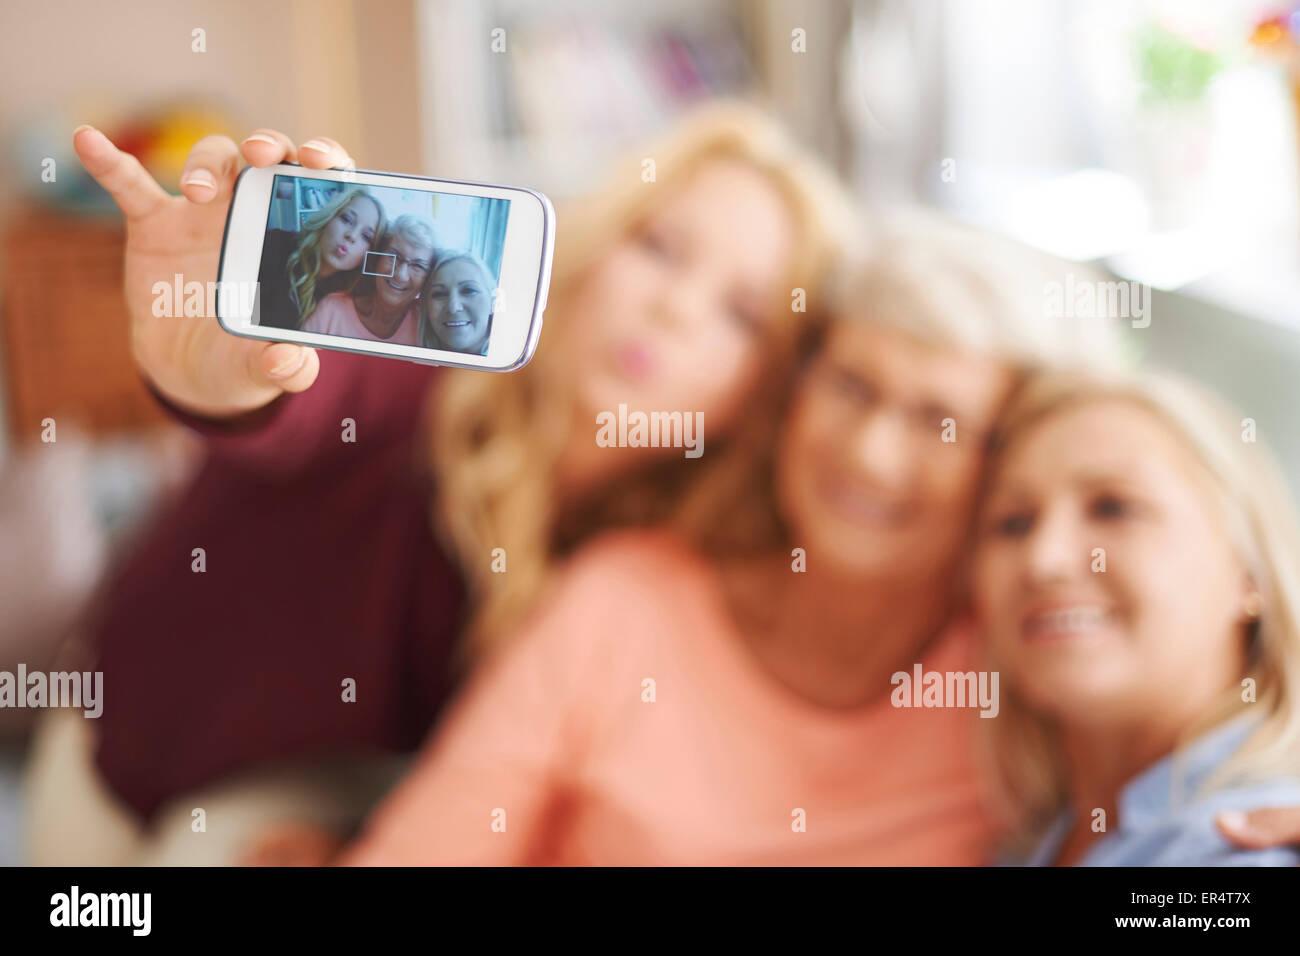 Junge Generation mit neuen Technologien. Debica, Stockbild